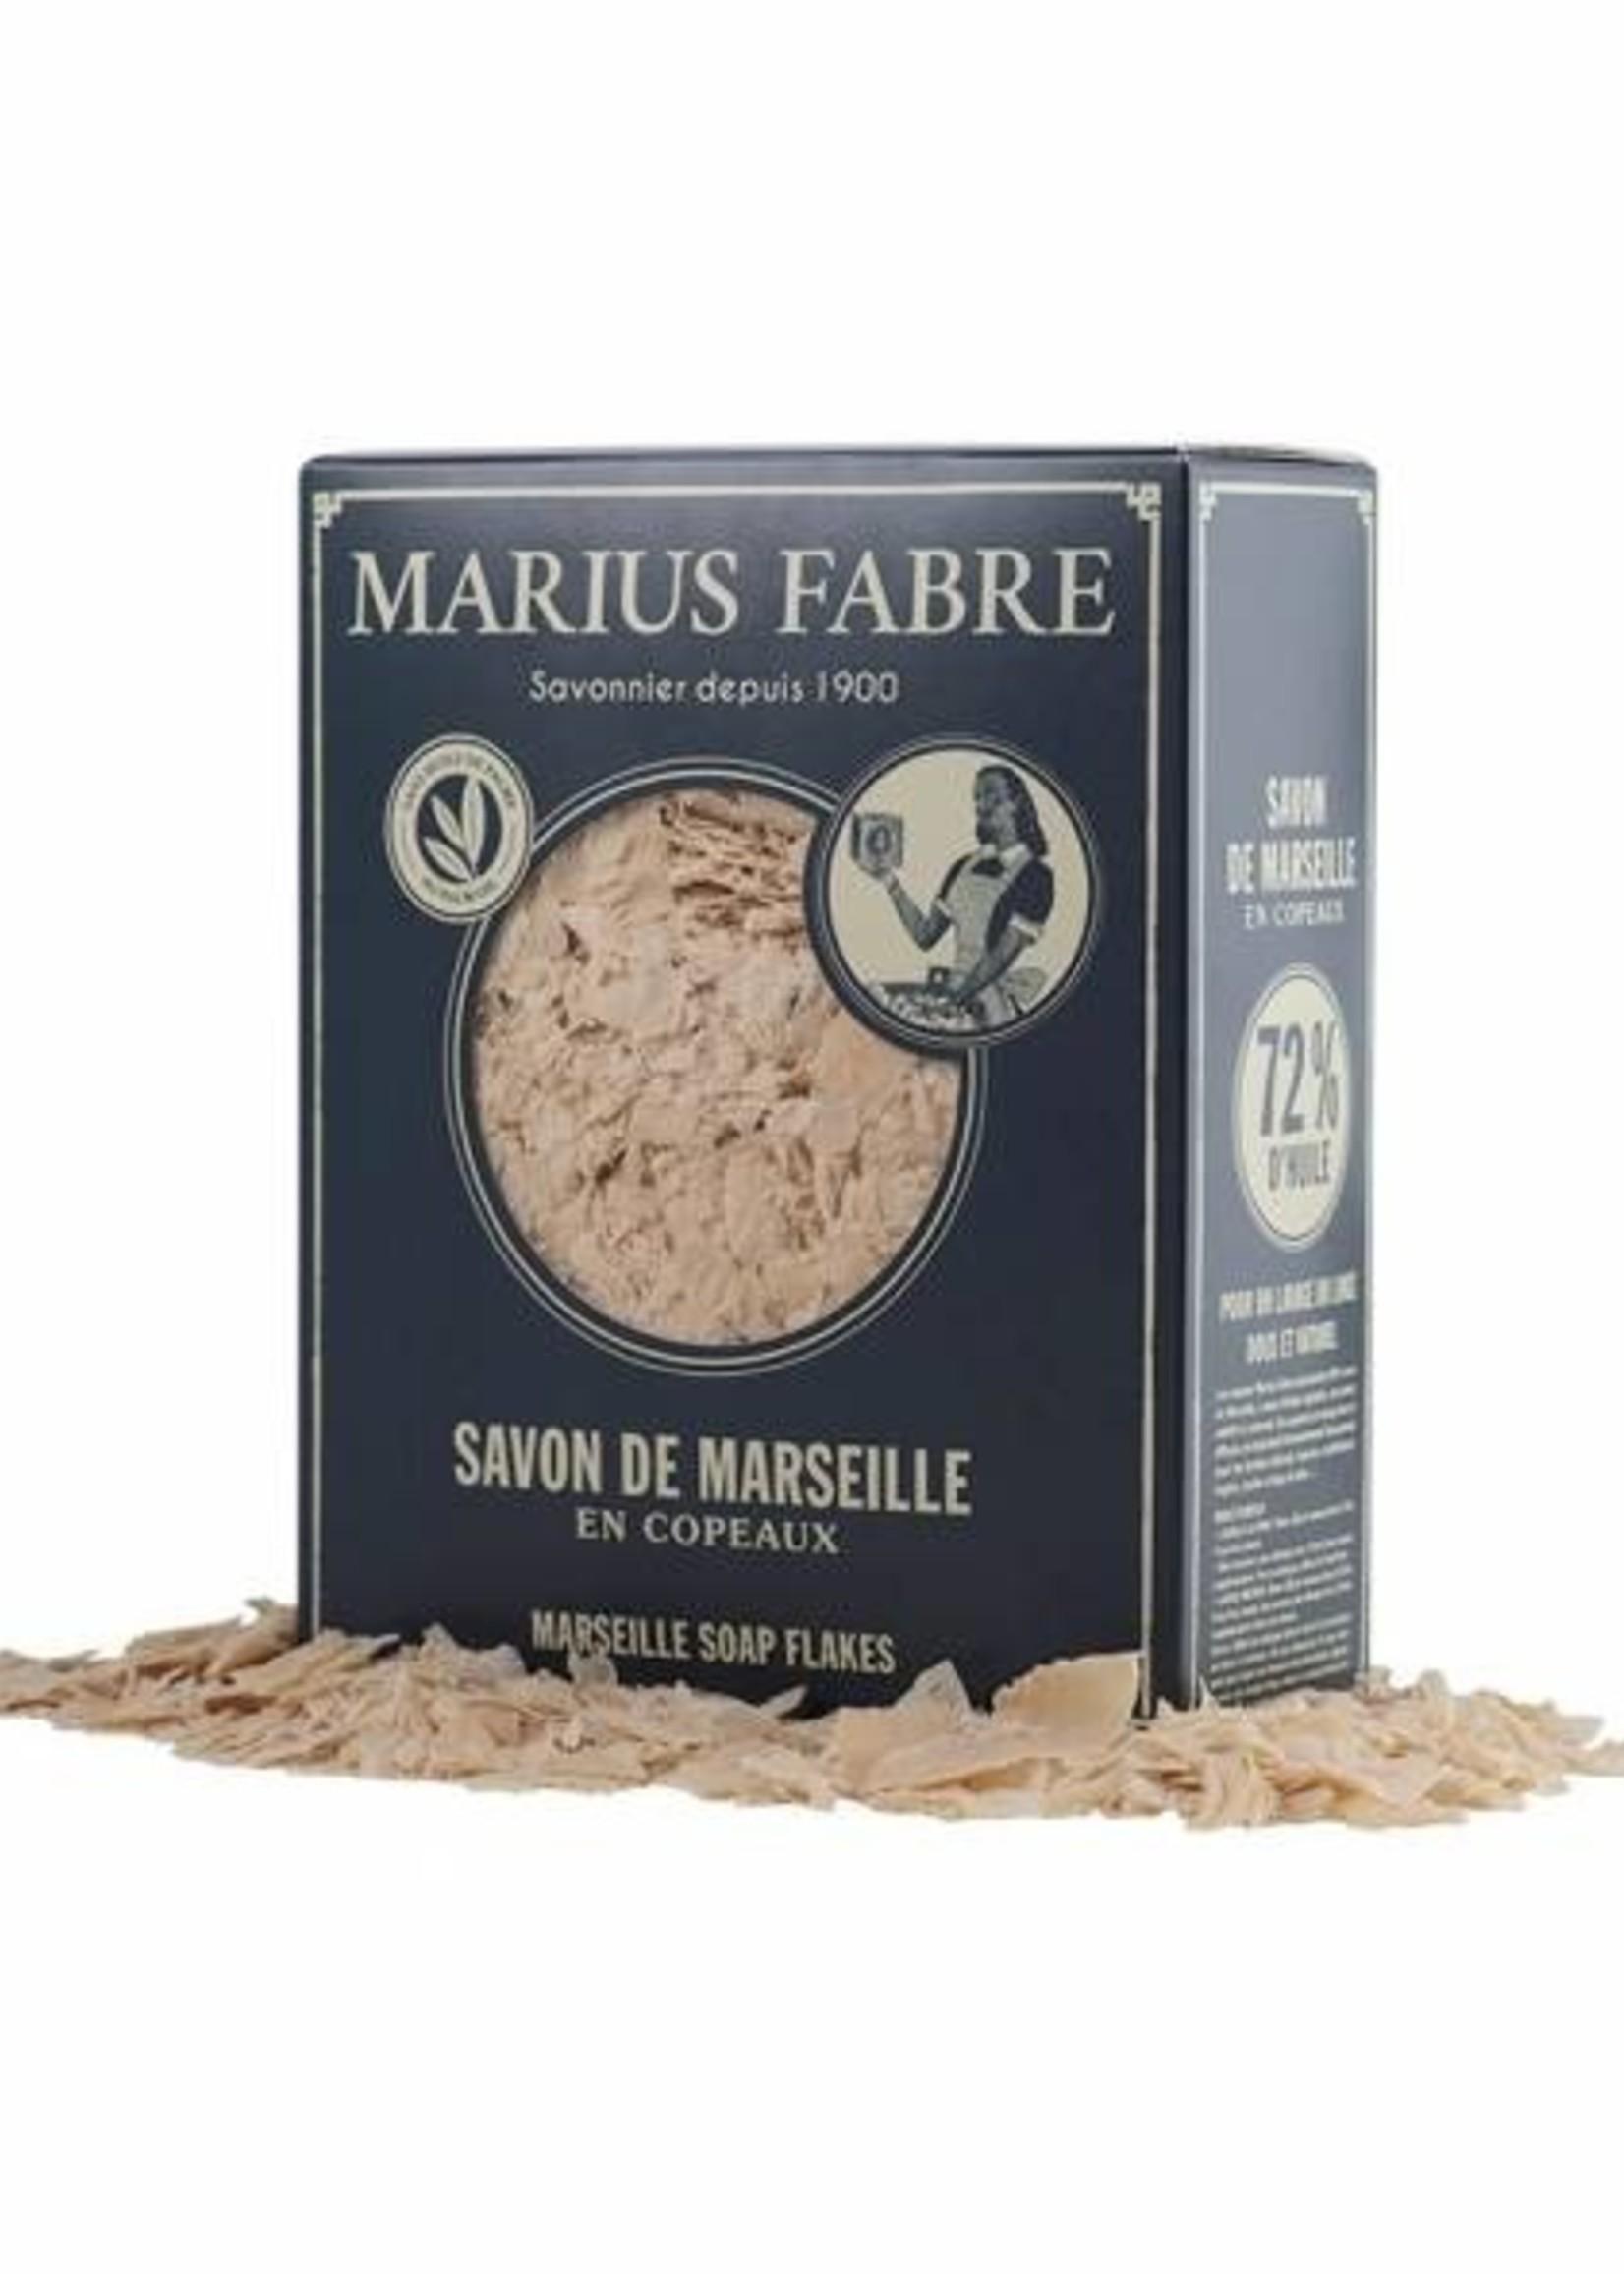 Marius Fabre Marseille Soap Flakes